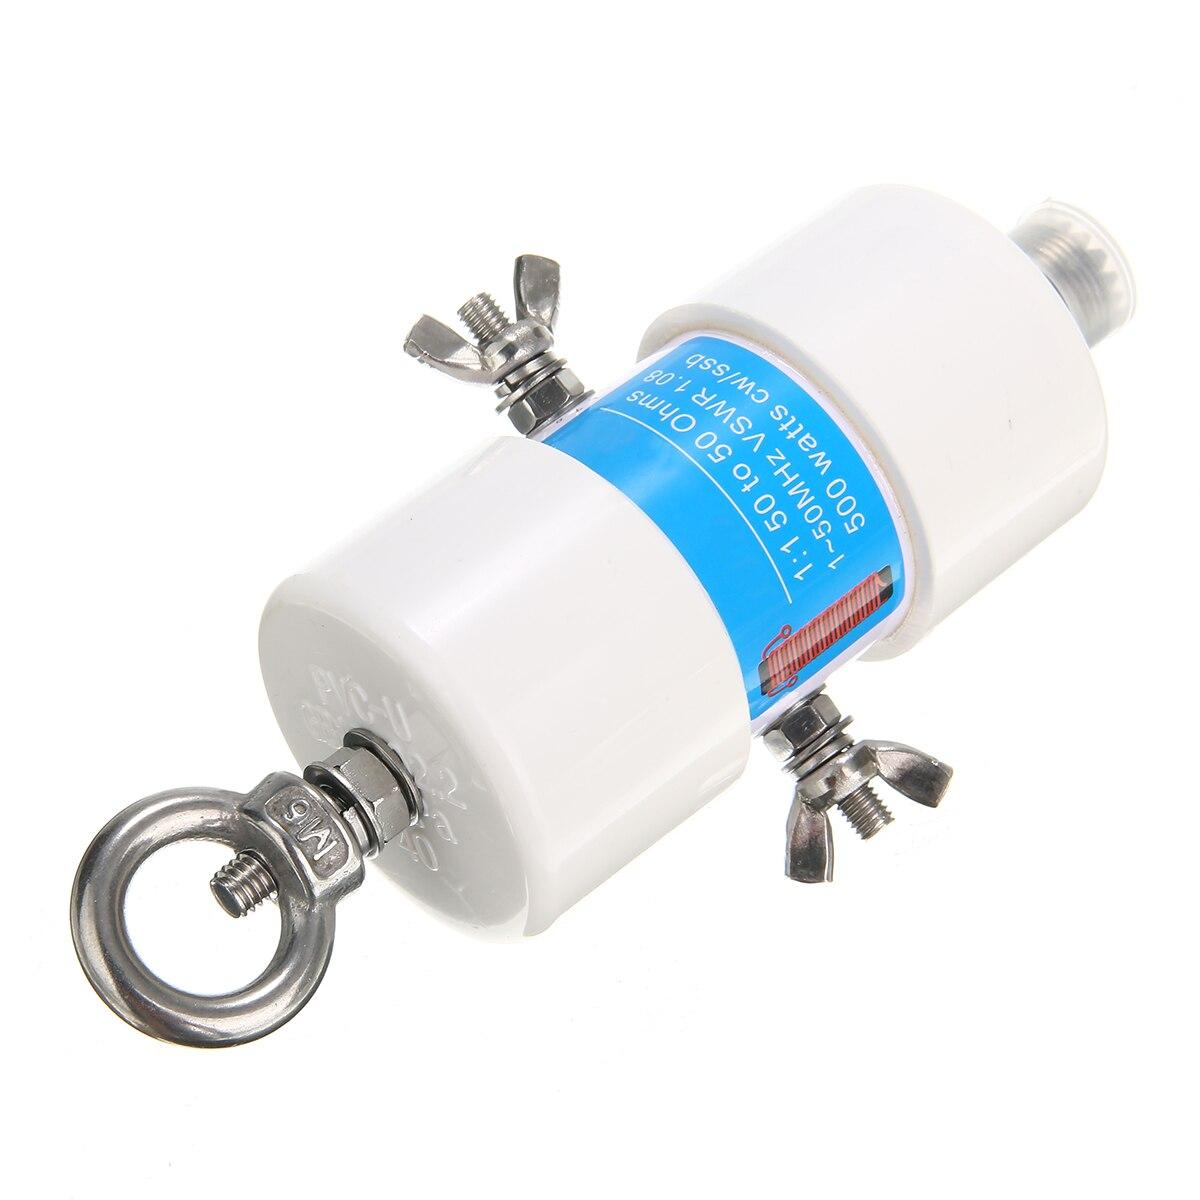 1pc Durable 160 m-6 m bandes 1.8-50MHz 500W étanche HF Balun 1:1 tension universelle Balun pour antenne à ondes courtes Balun 87*45mm